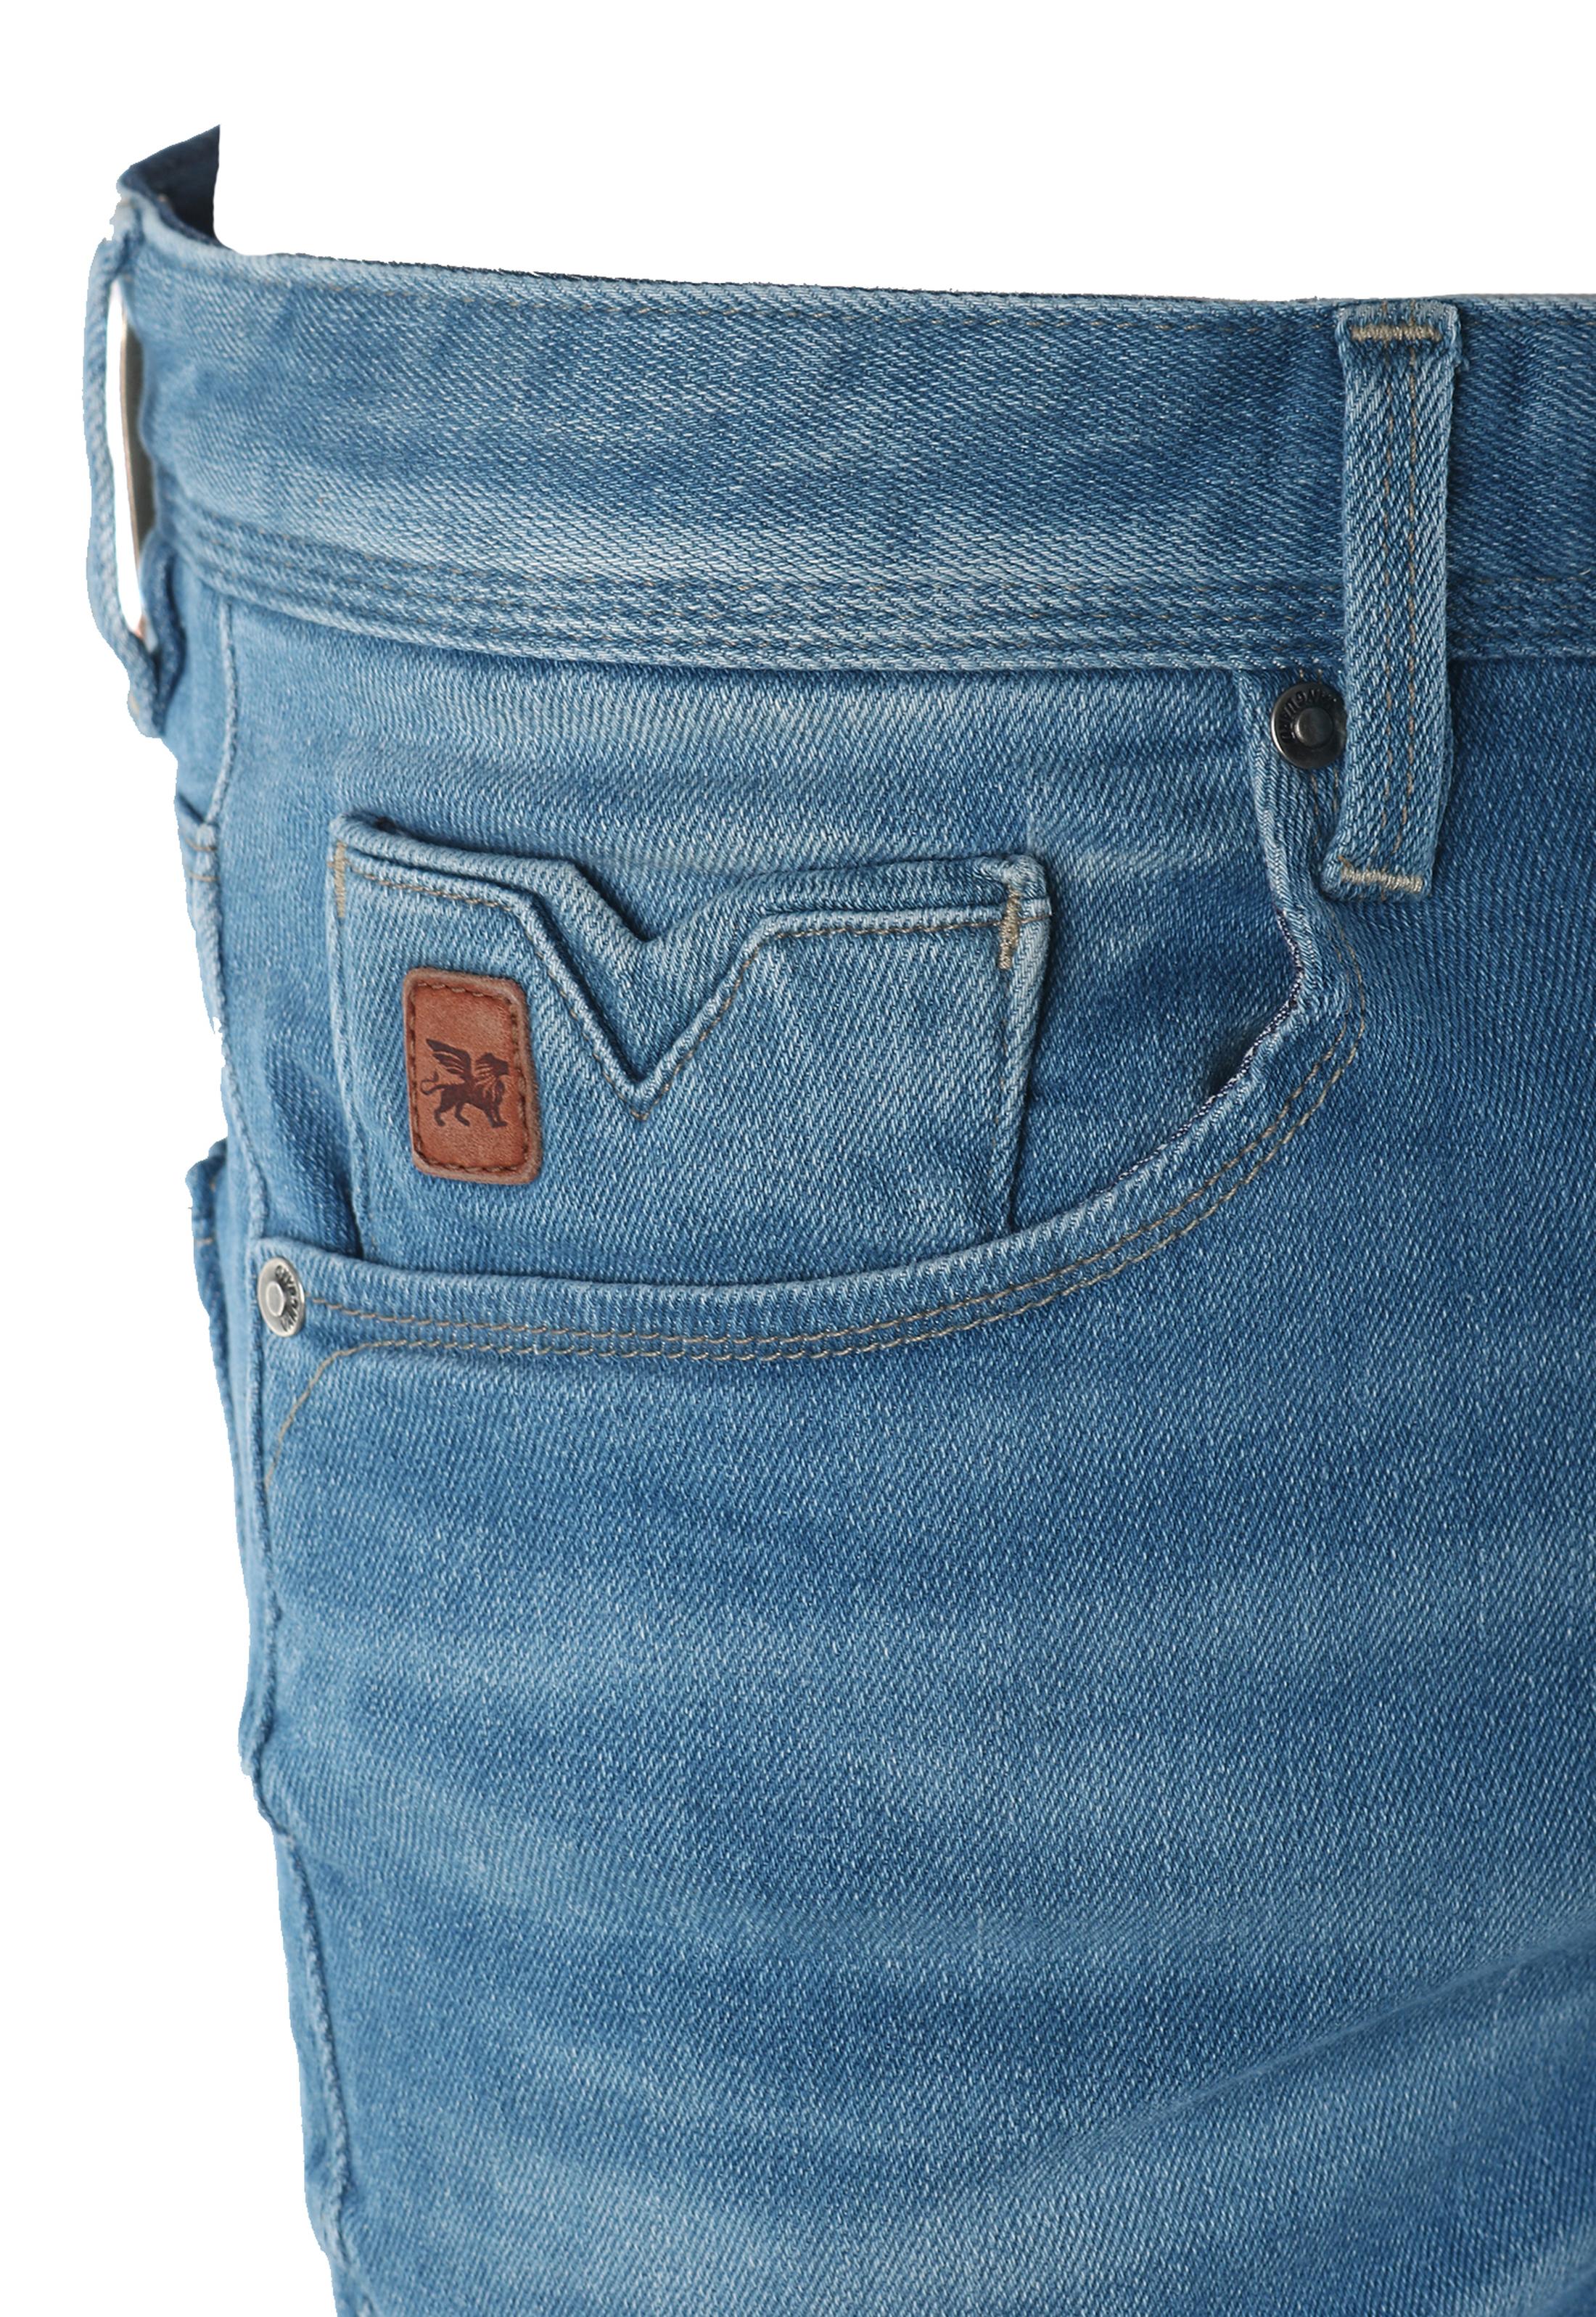 Vanguard V7 Rider Jeans Hellblau foto 3